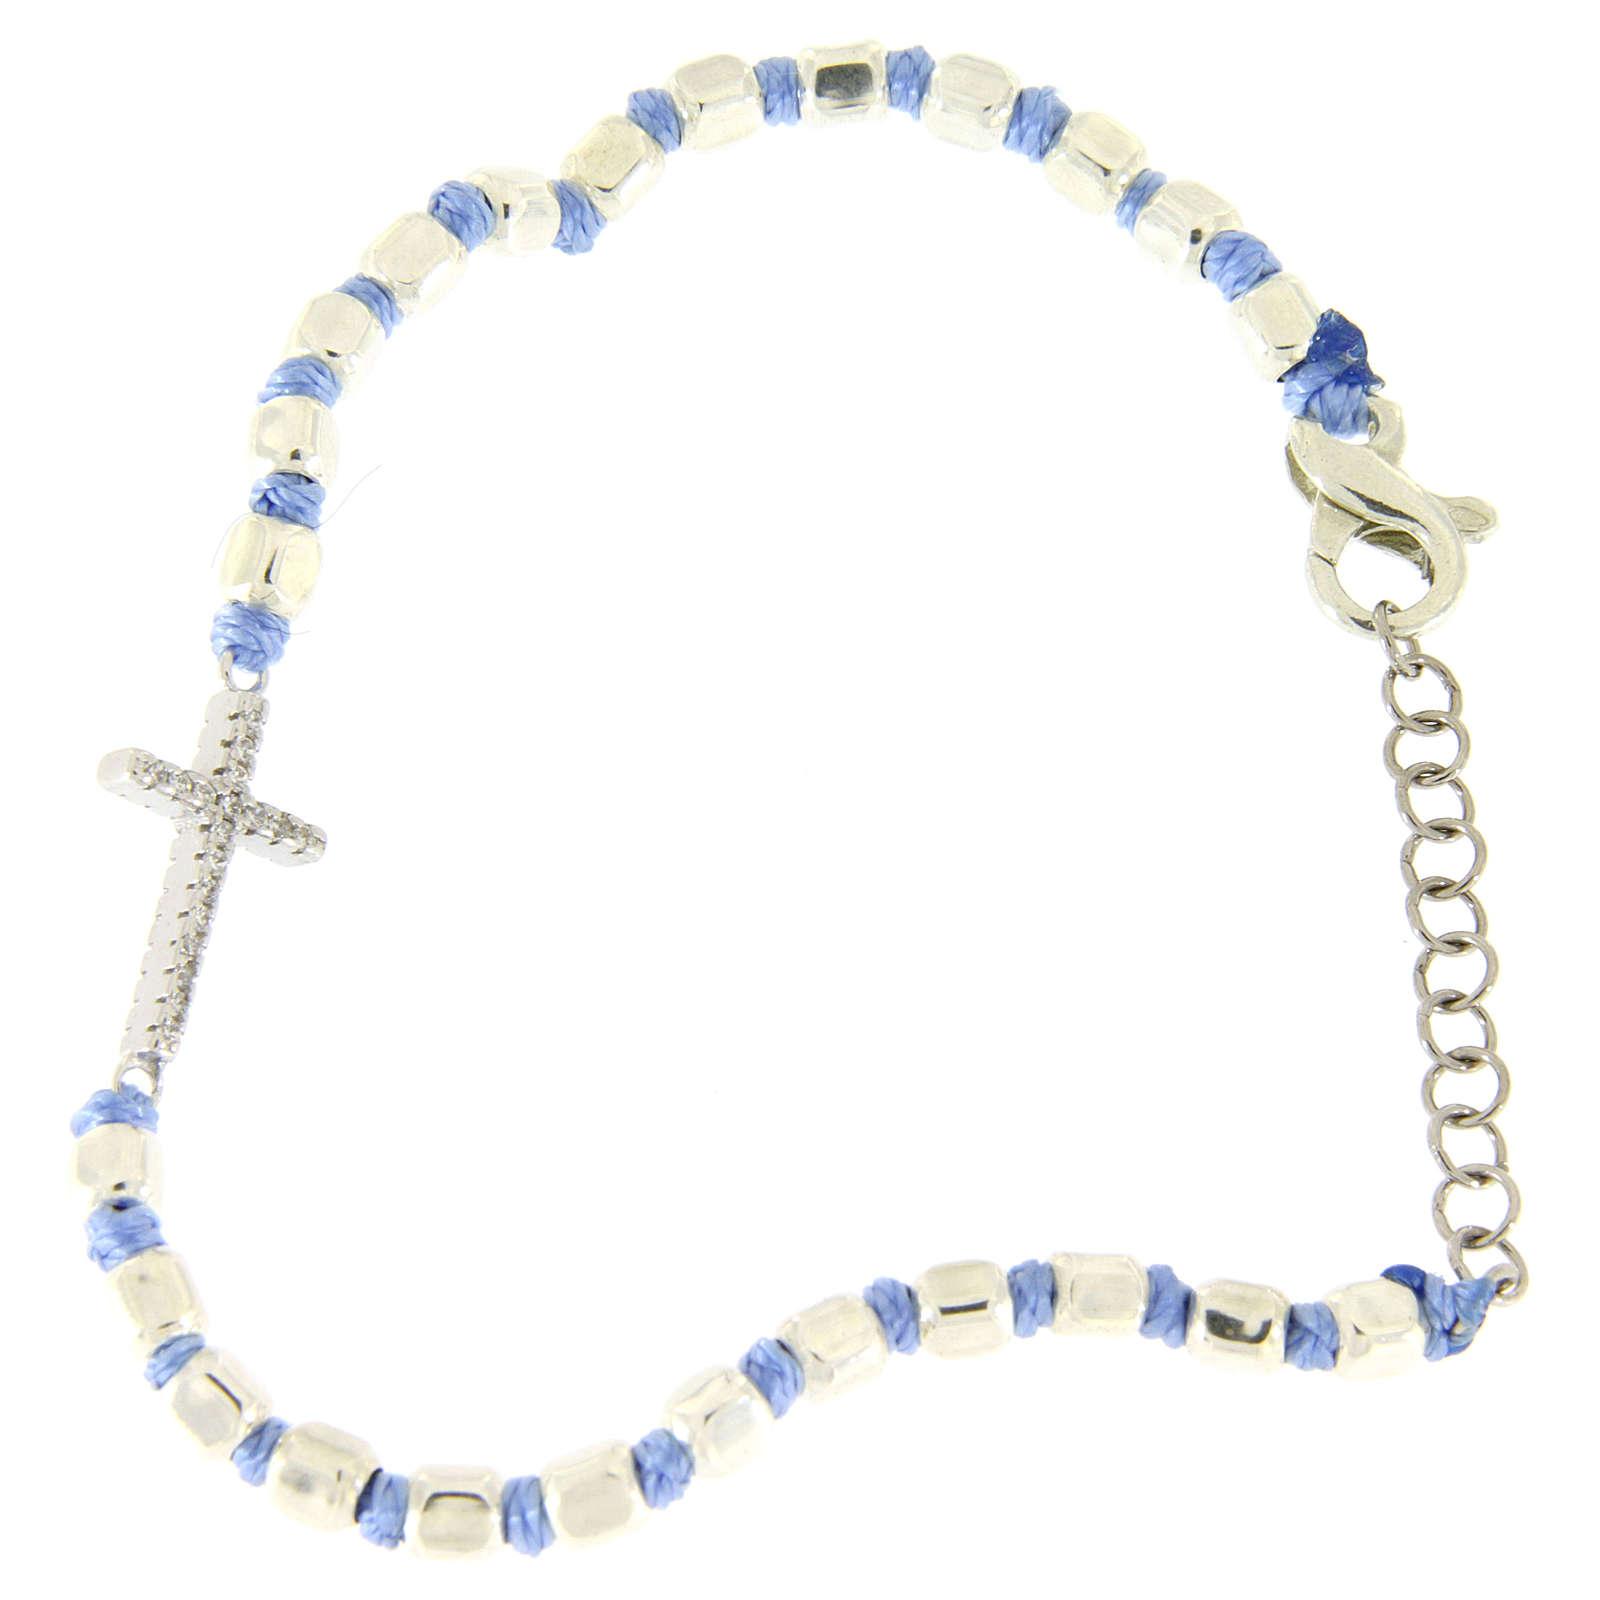 Bracciale croce zirconata bianca, sfere cubiche 2 mm e nodi azzurri 4